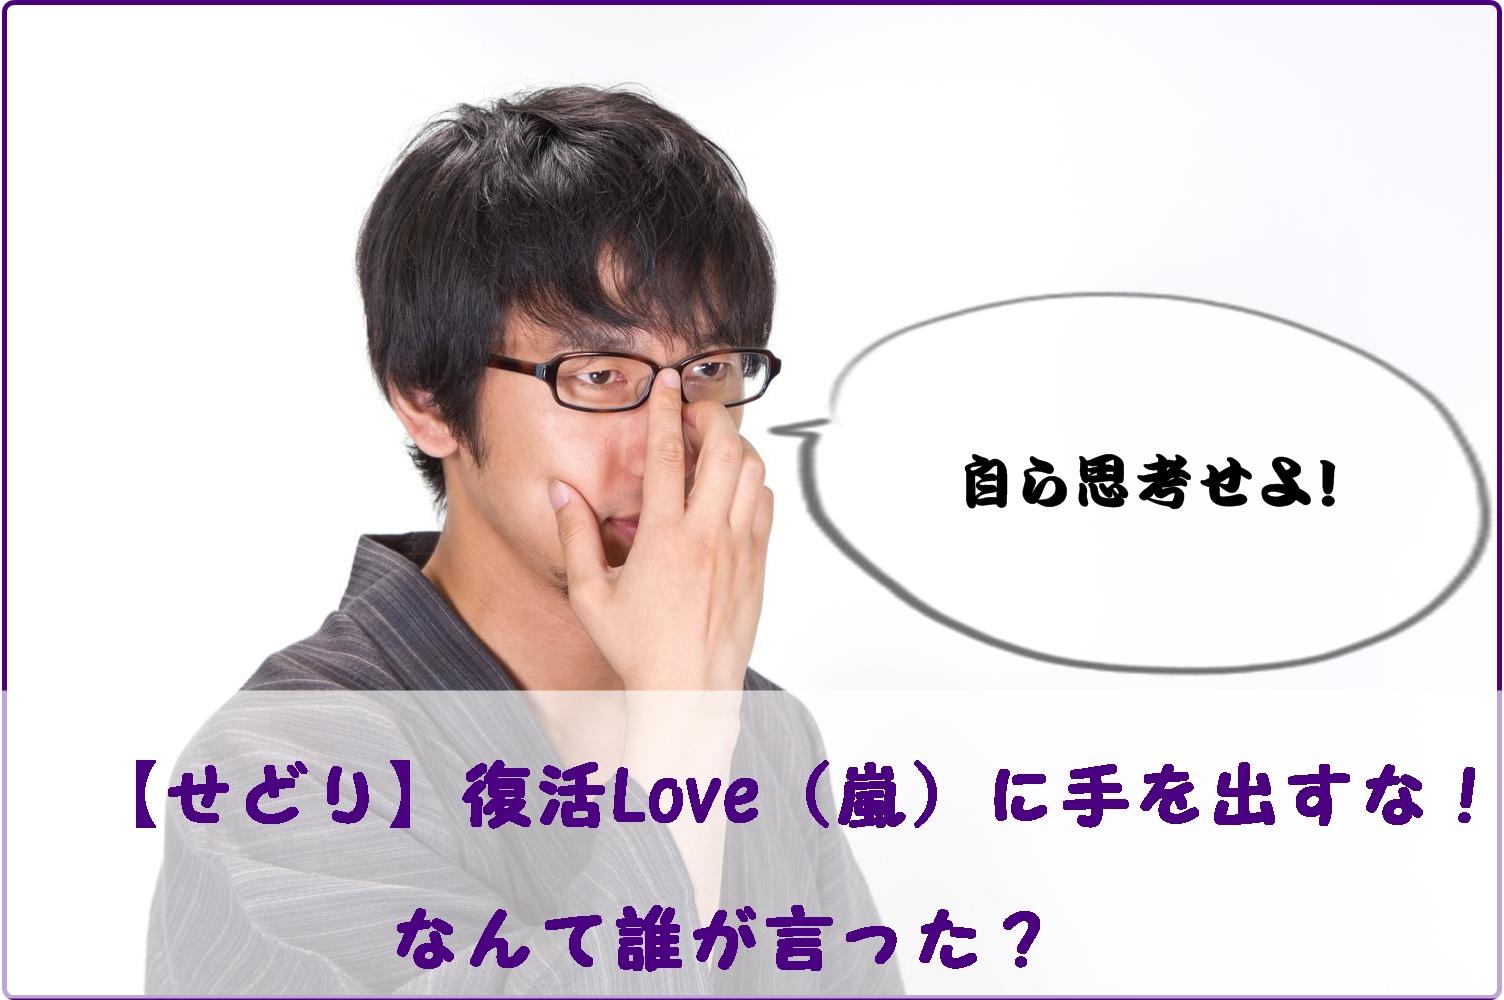 【せどり】復活Love(嵐)に手を出すな!なんて誰が言った?